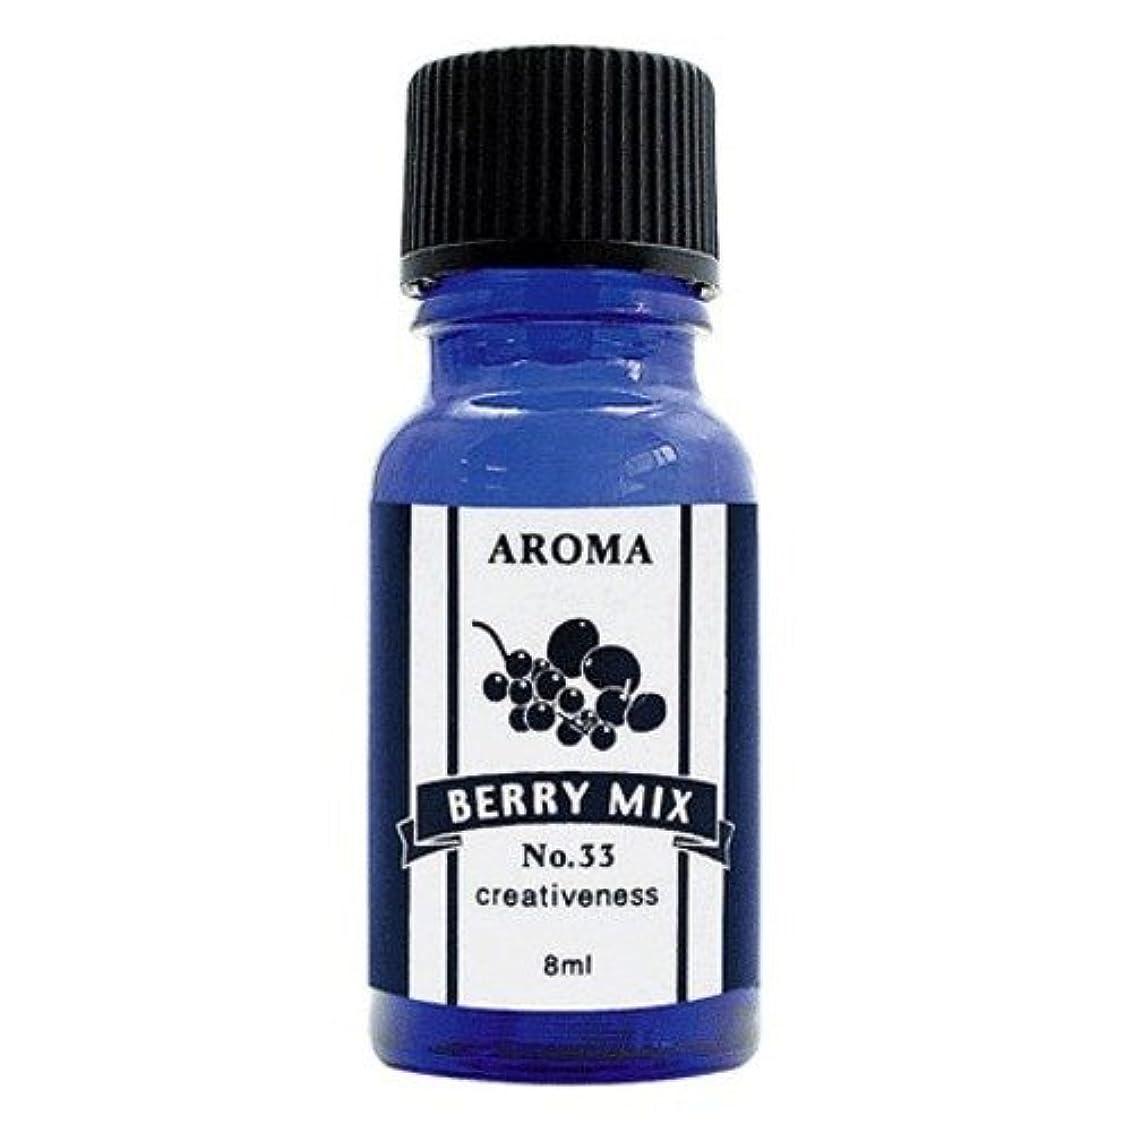 鼻否認する多様体アロマエッセンス ブルーラベル ベリーミックス 8ml